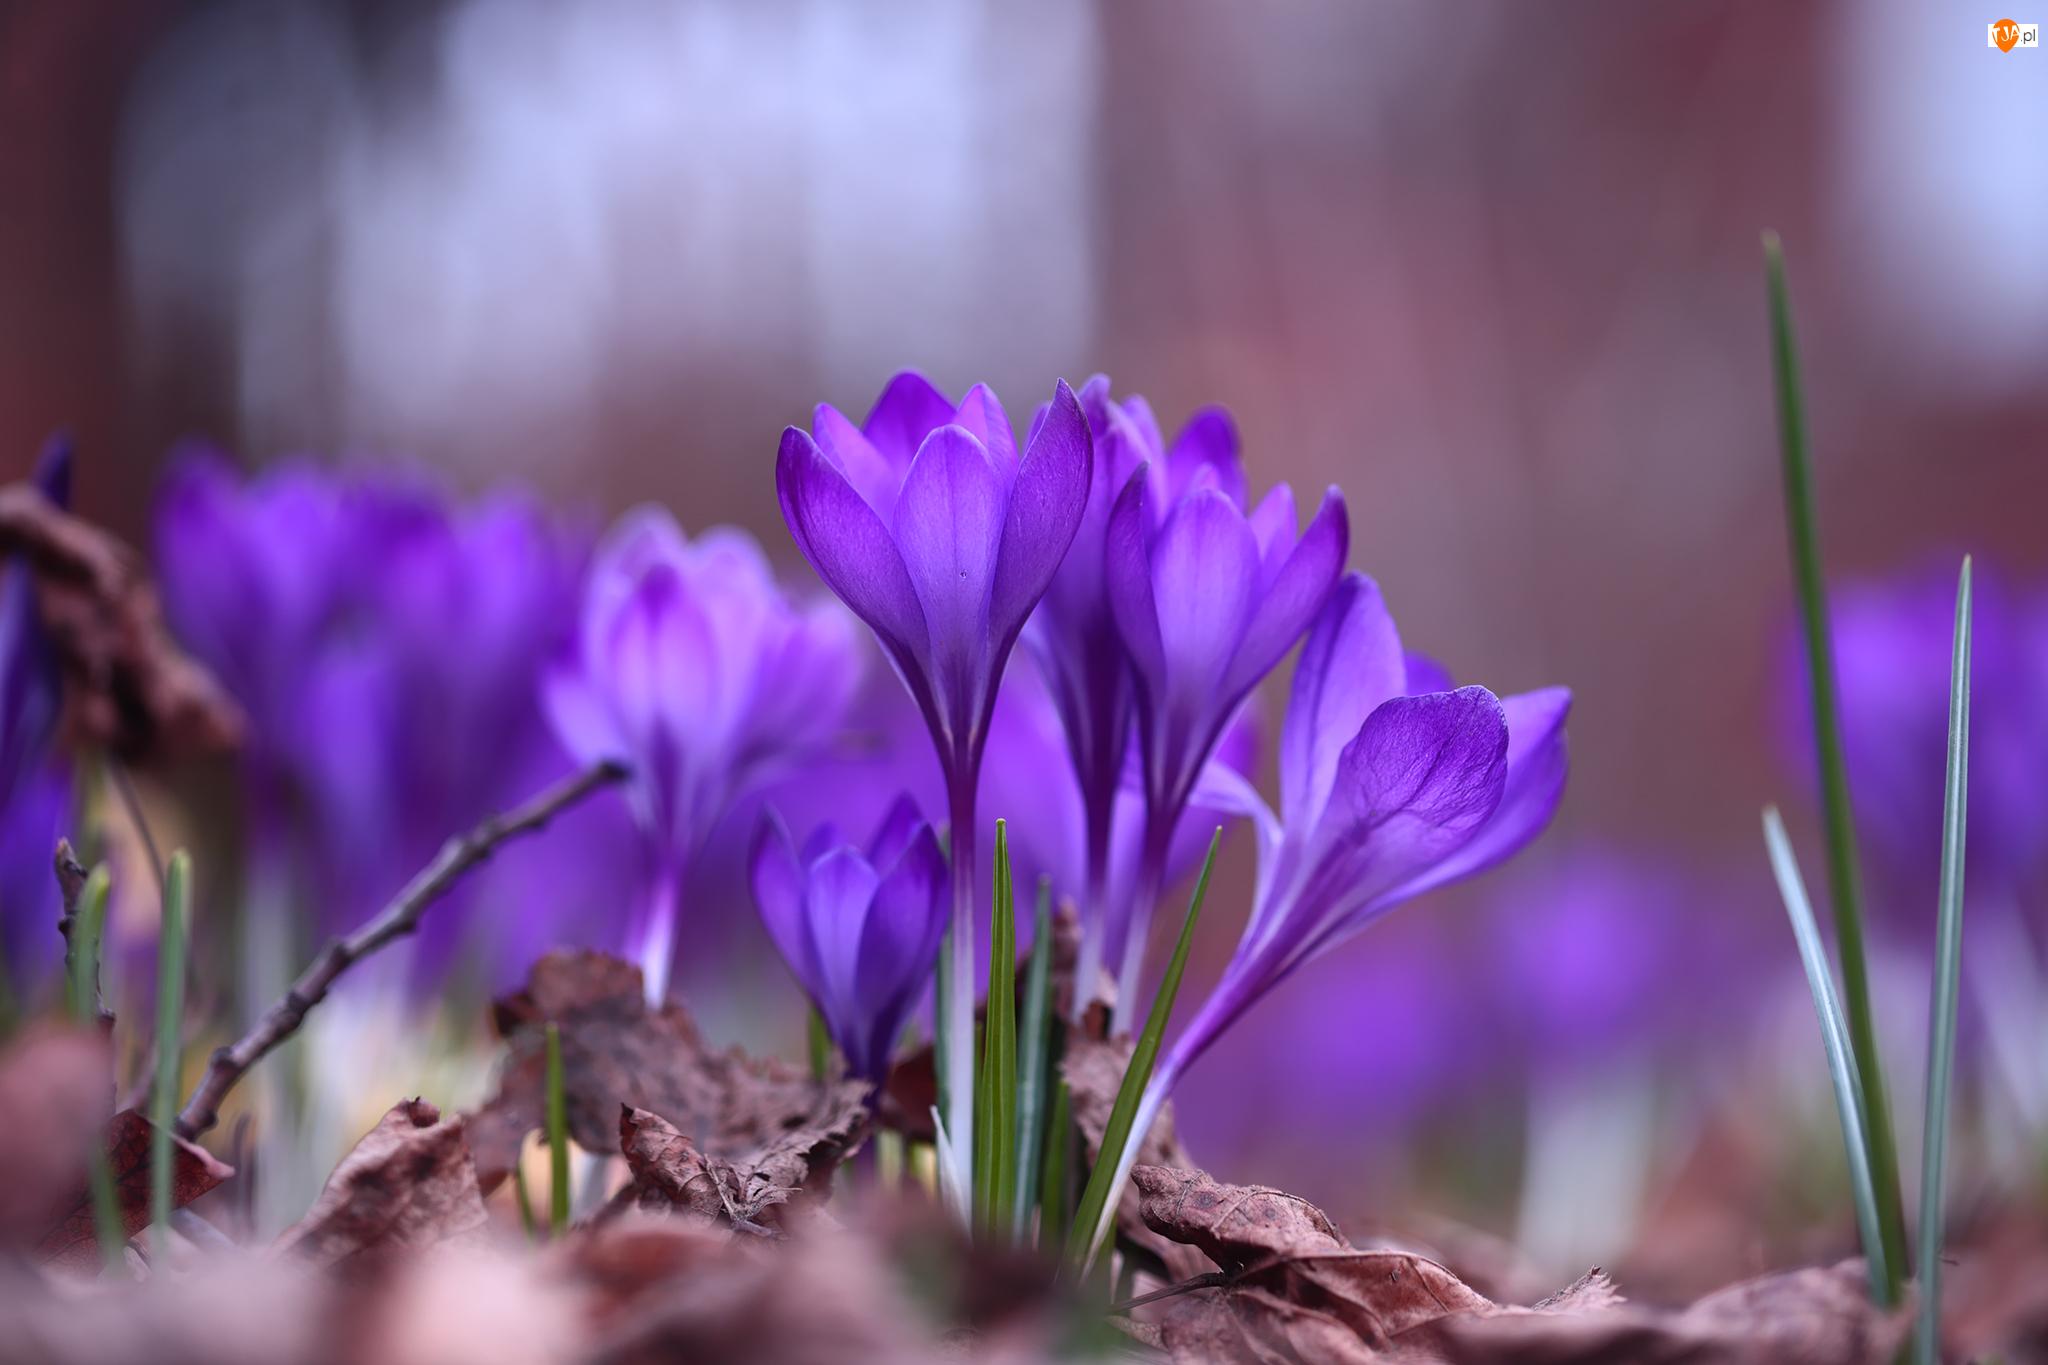 Kępka, Liście, Krokusy, Fioletowe, Kwiaty